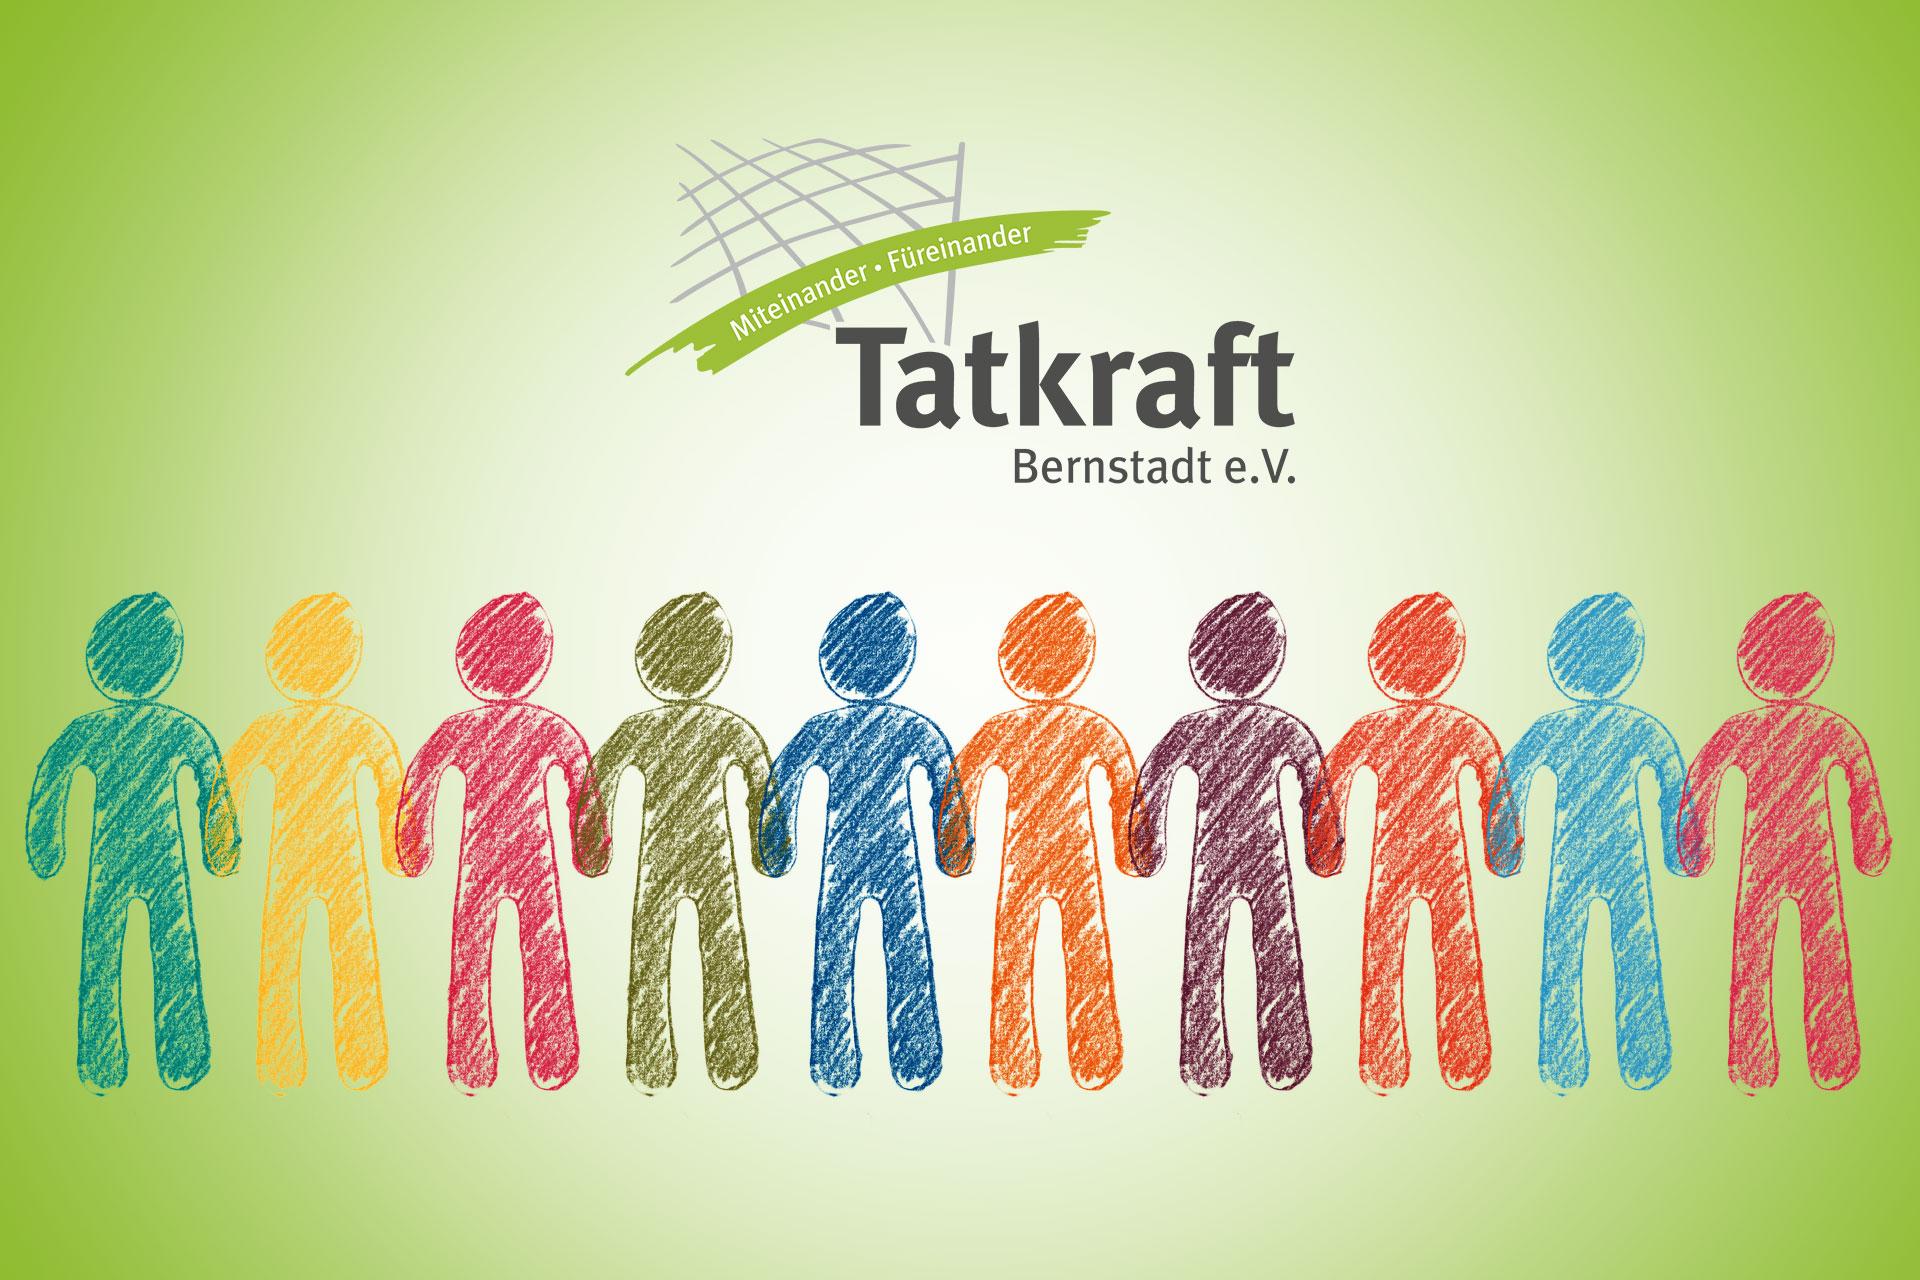 Vereinsmitglied werden bei Tatkraft Bernstadt